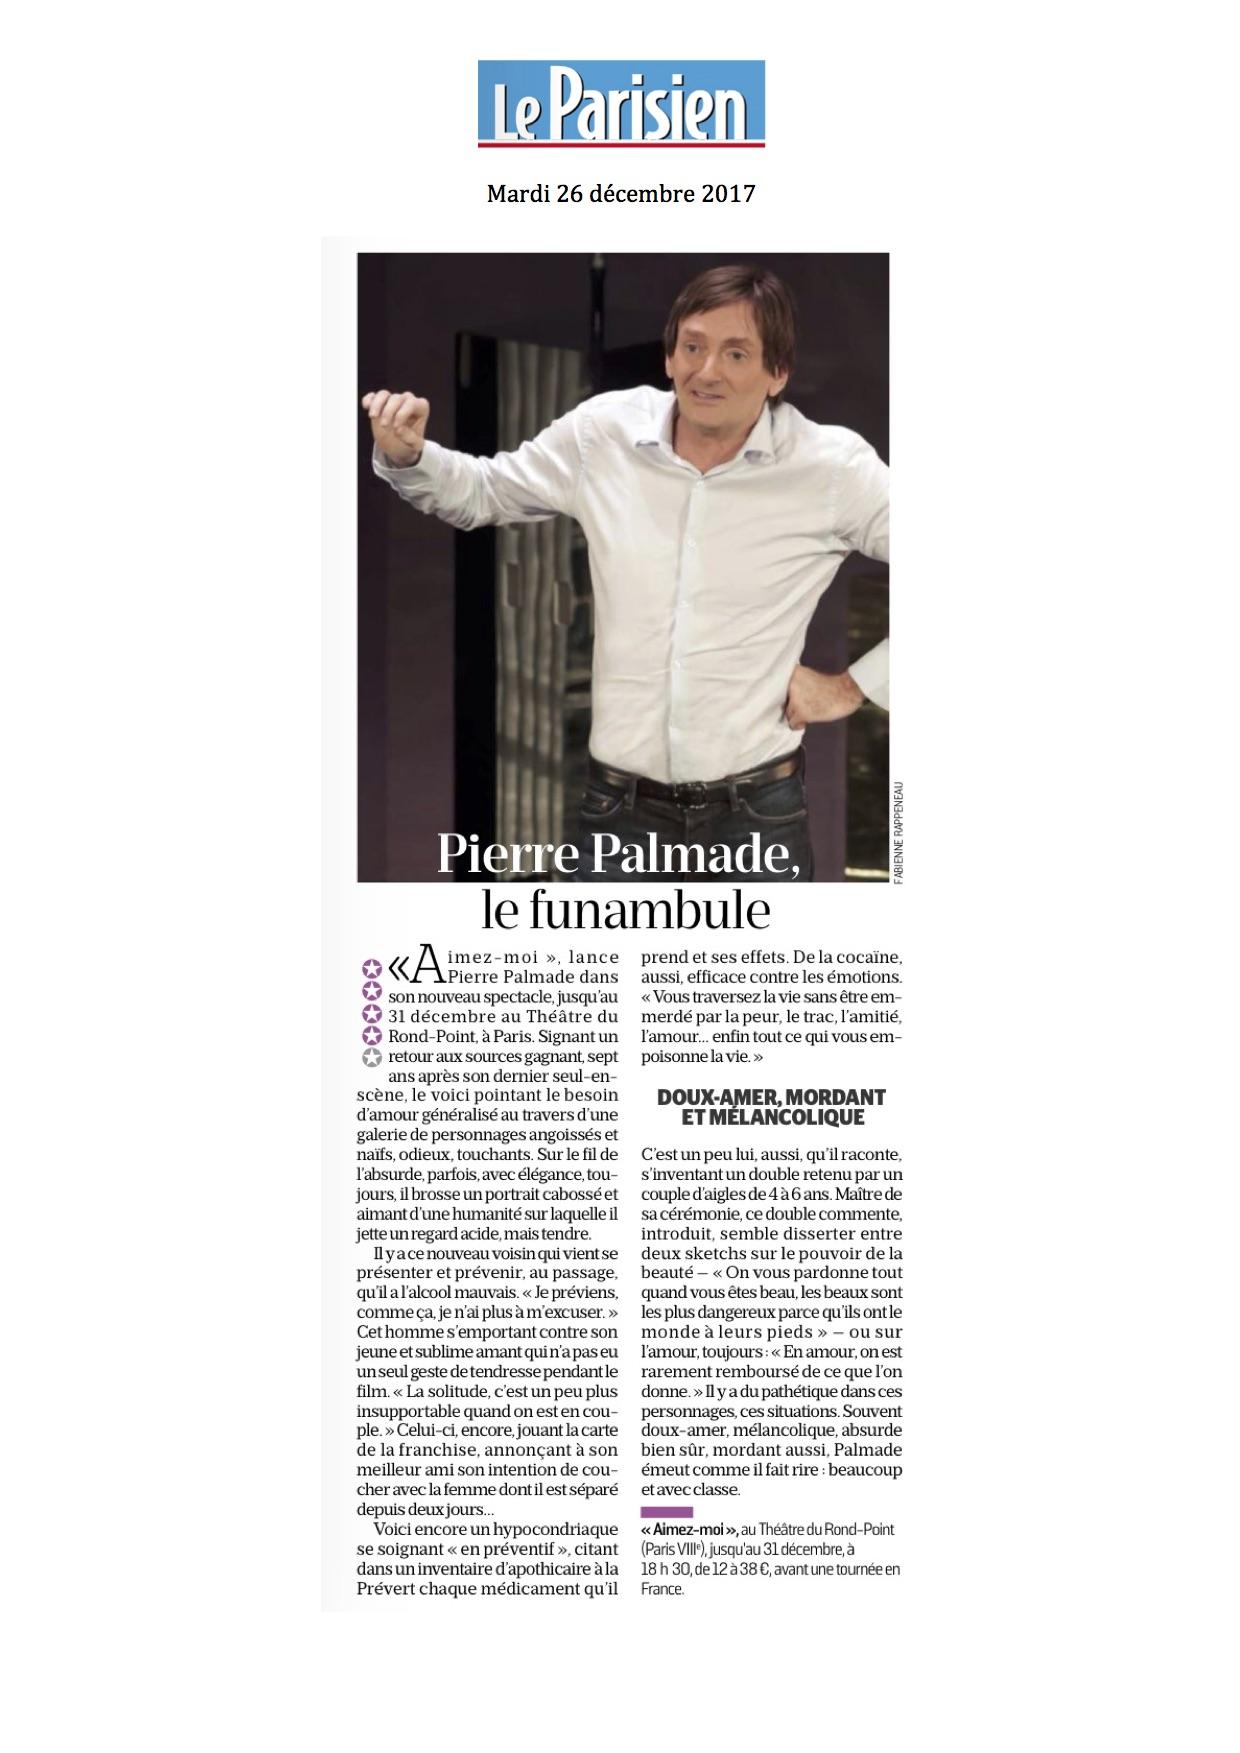 Le Parisien 26.12.17